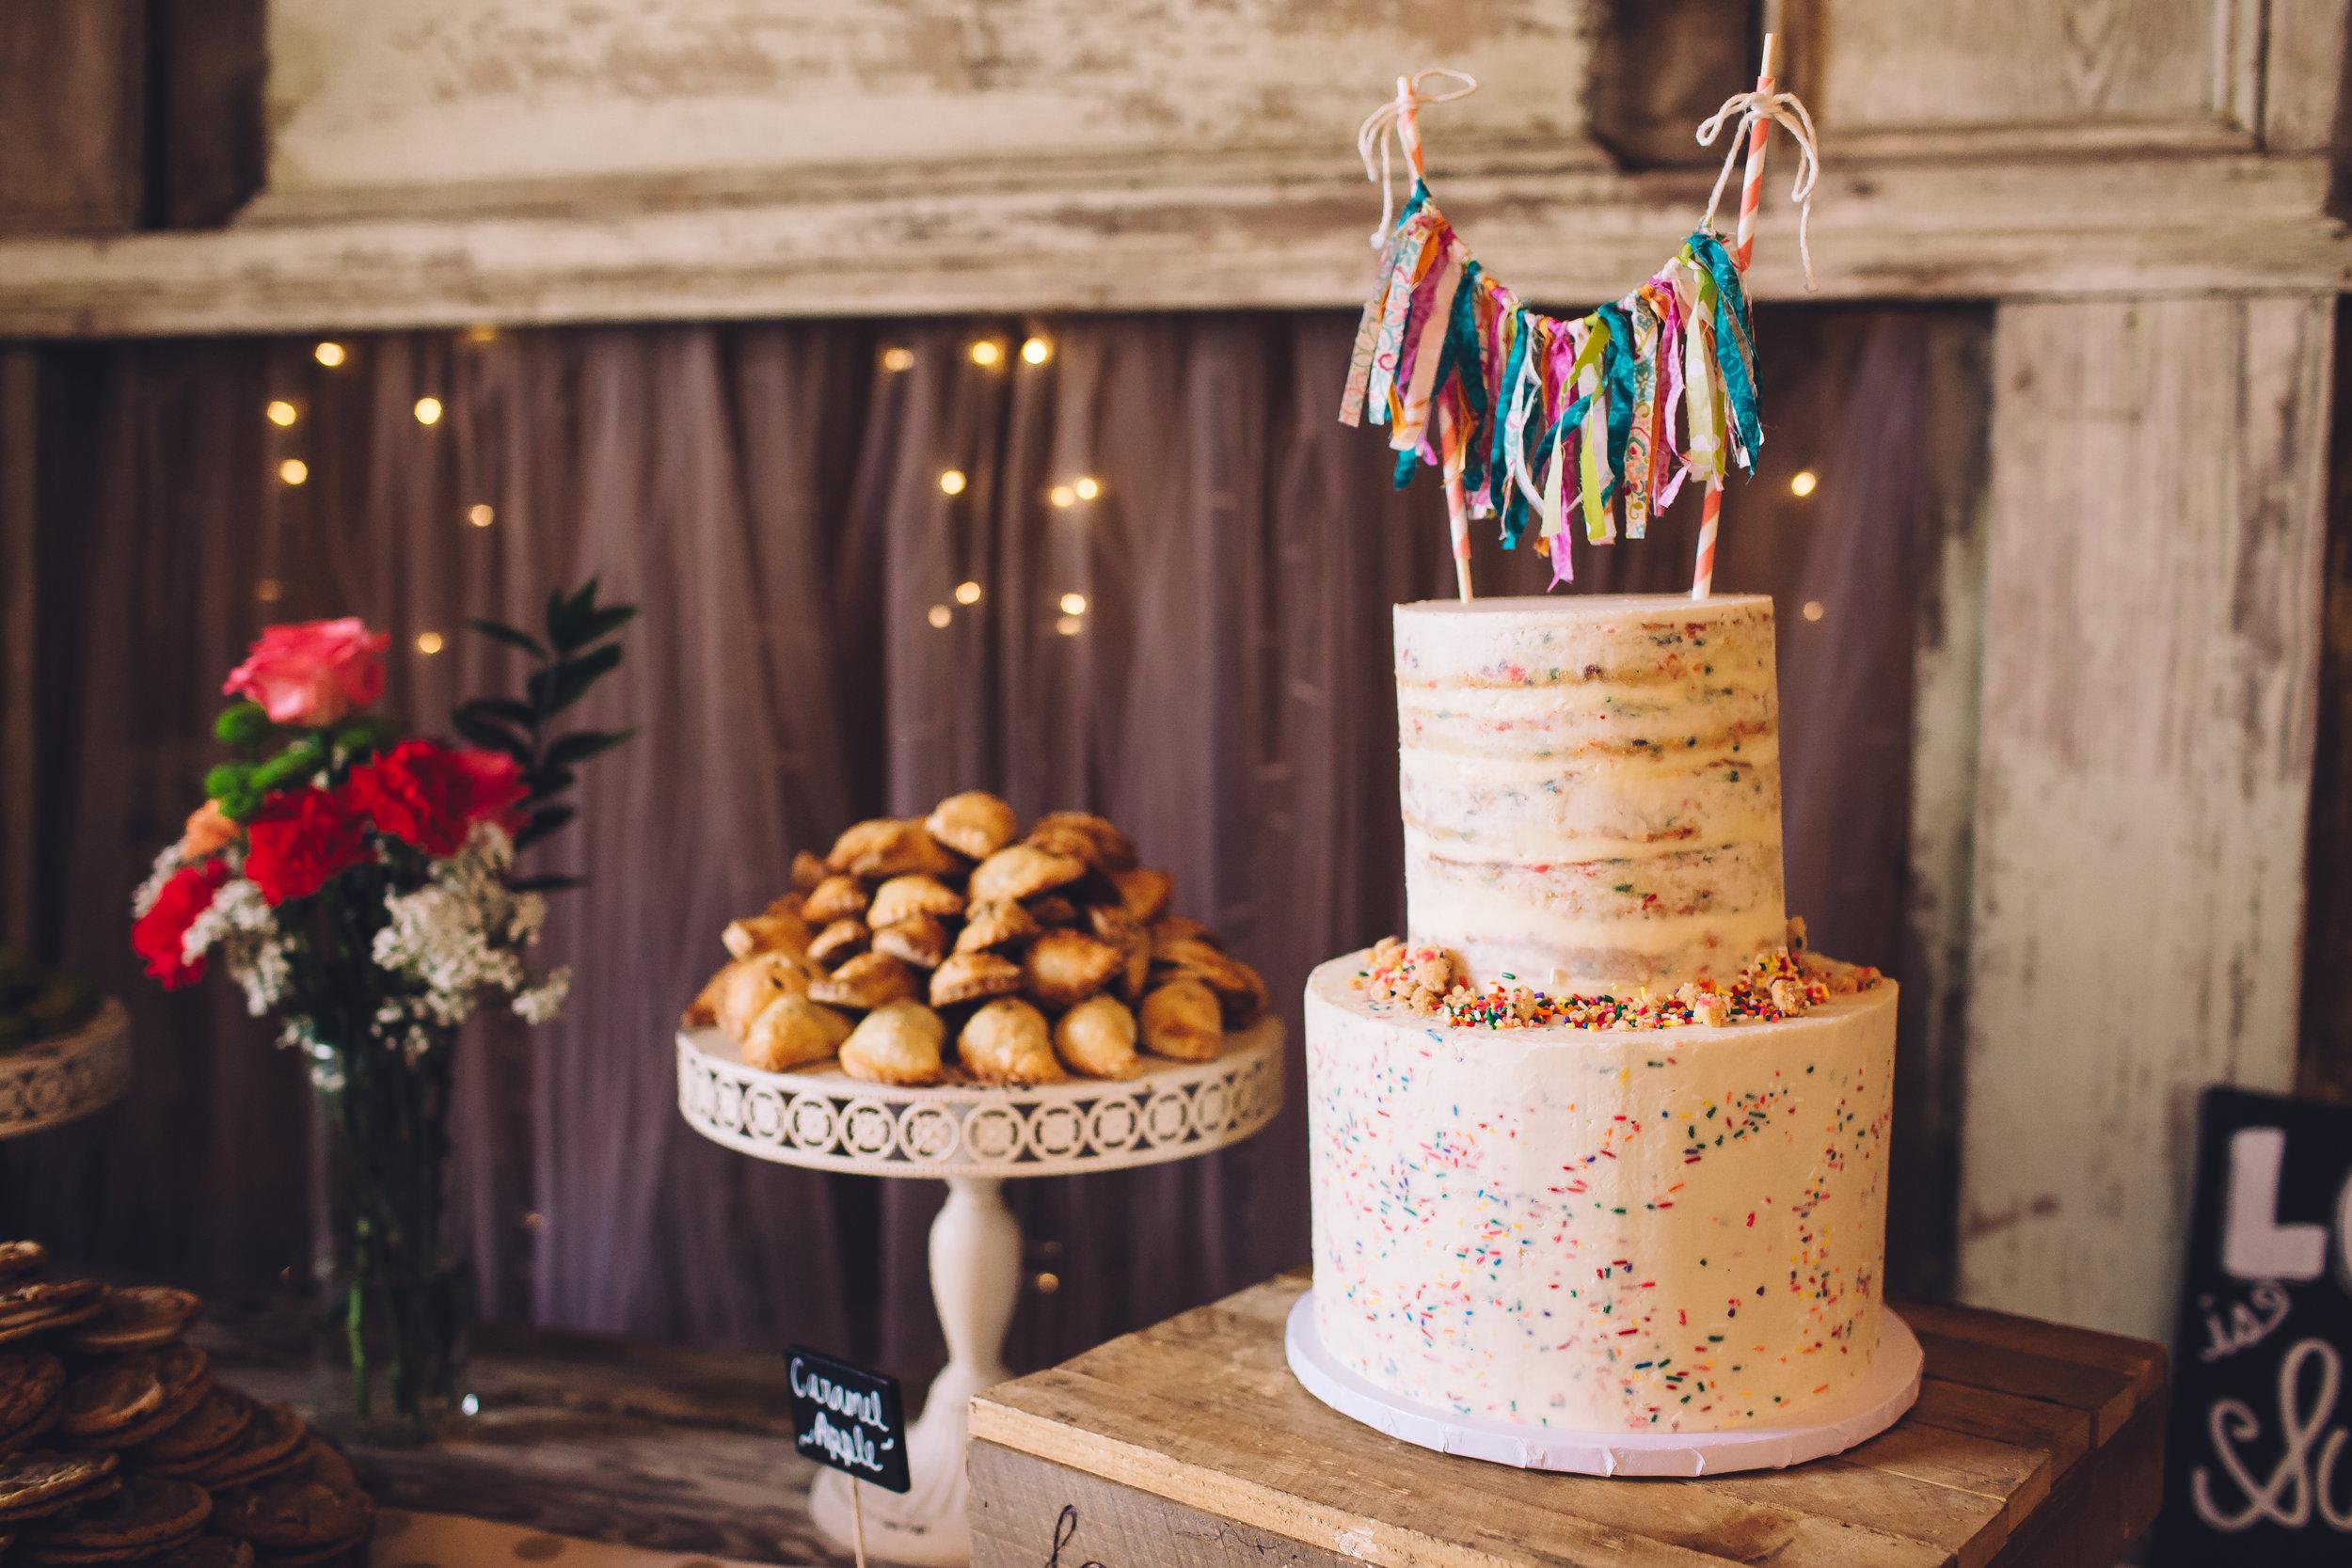 CHARLESTON WEDDING PHOTOGRAPHER, CHARLESTON WEDDING PHOTOGRAPHY, DESTINATION WEDDIN PHOTOGRAPHER, CHARLESTON WEDDING, OAKLEY FARMS WEDDING, OAKLEY FARMS